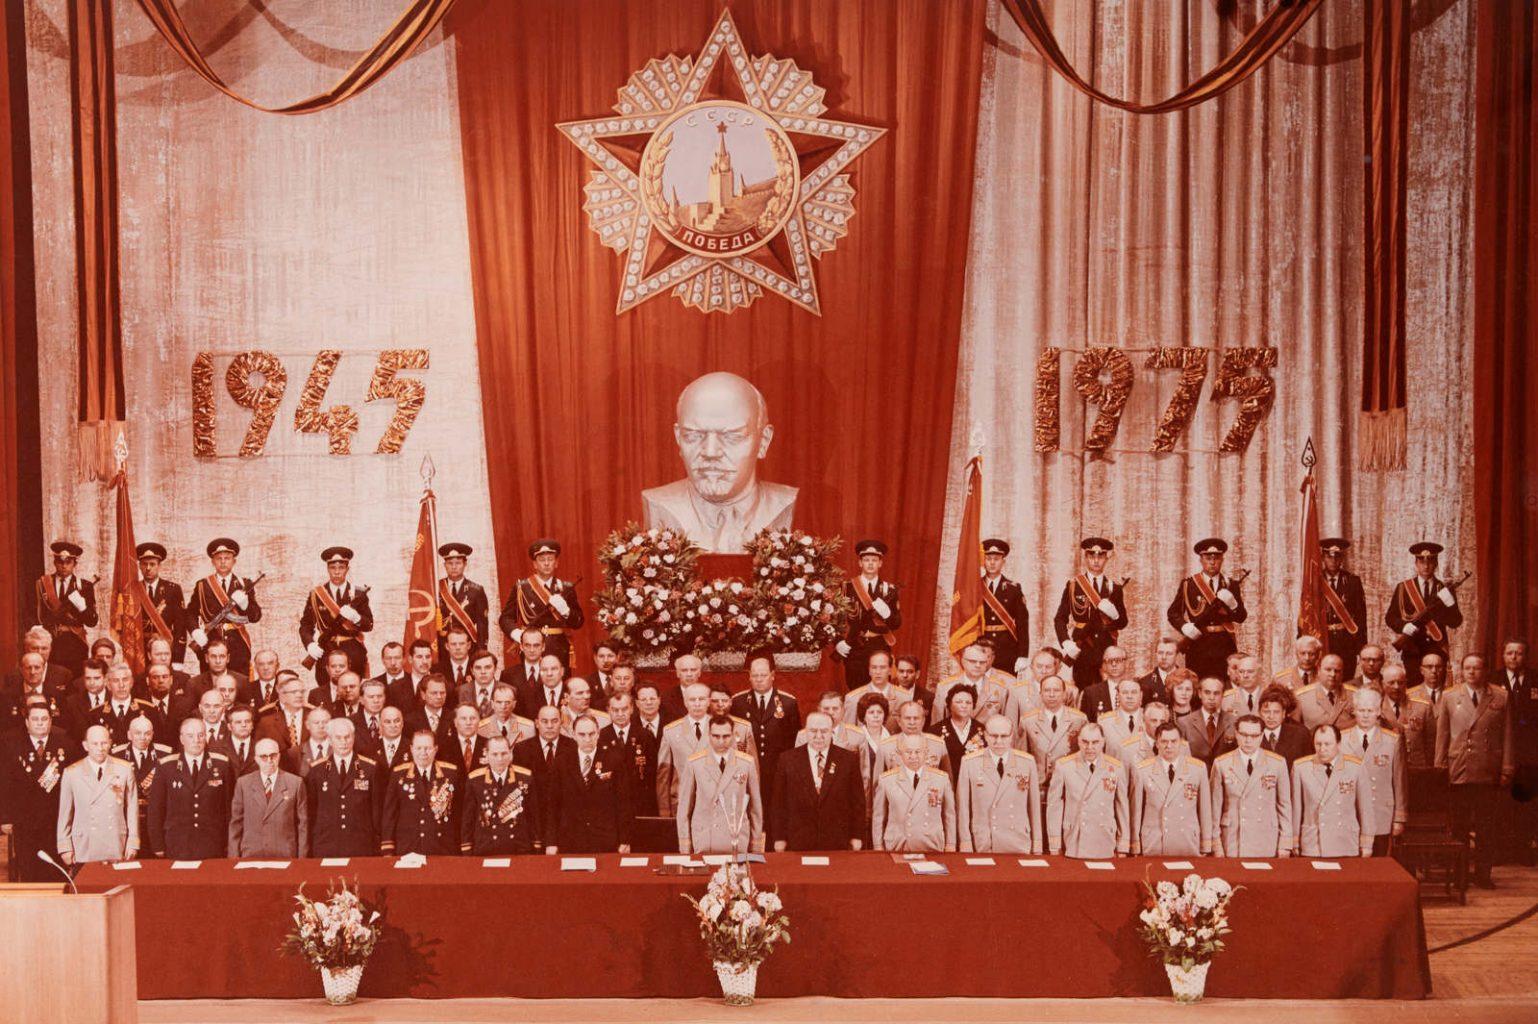 Photo originale de la commémoration du 30e anniversaire (1945-1975) de la victoire en URSS (1975) avec des dignitaires soviétiques, dont Youri STOROZHEV (deuxième rangée du fond, troisième personne en partant de la droite) en uniforme du général du KGB, à qui appartenait cette photo.